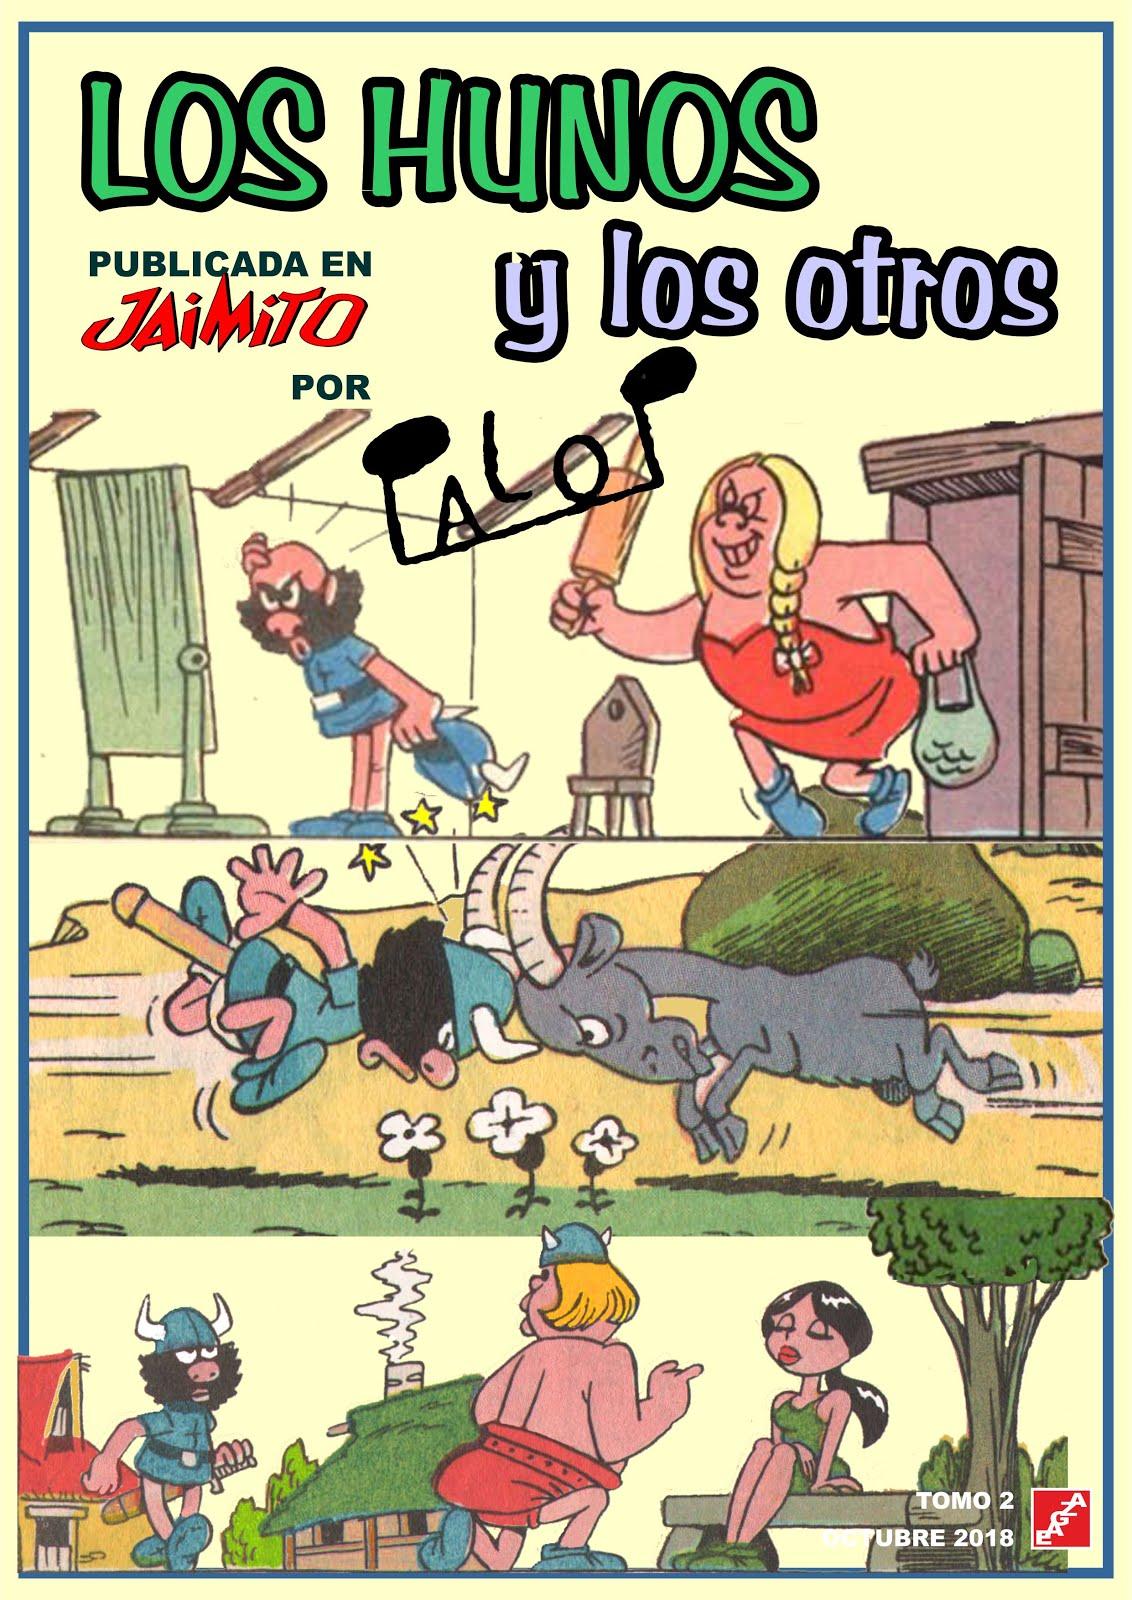 Los Hunos y los otros en Jaimito  - Palop - 2 tomos - EAGZA